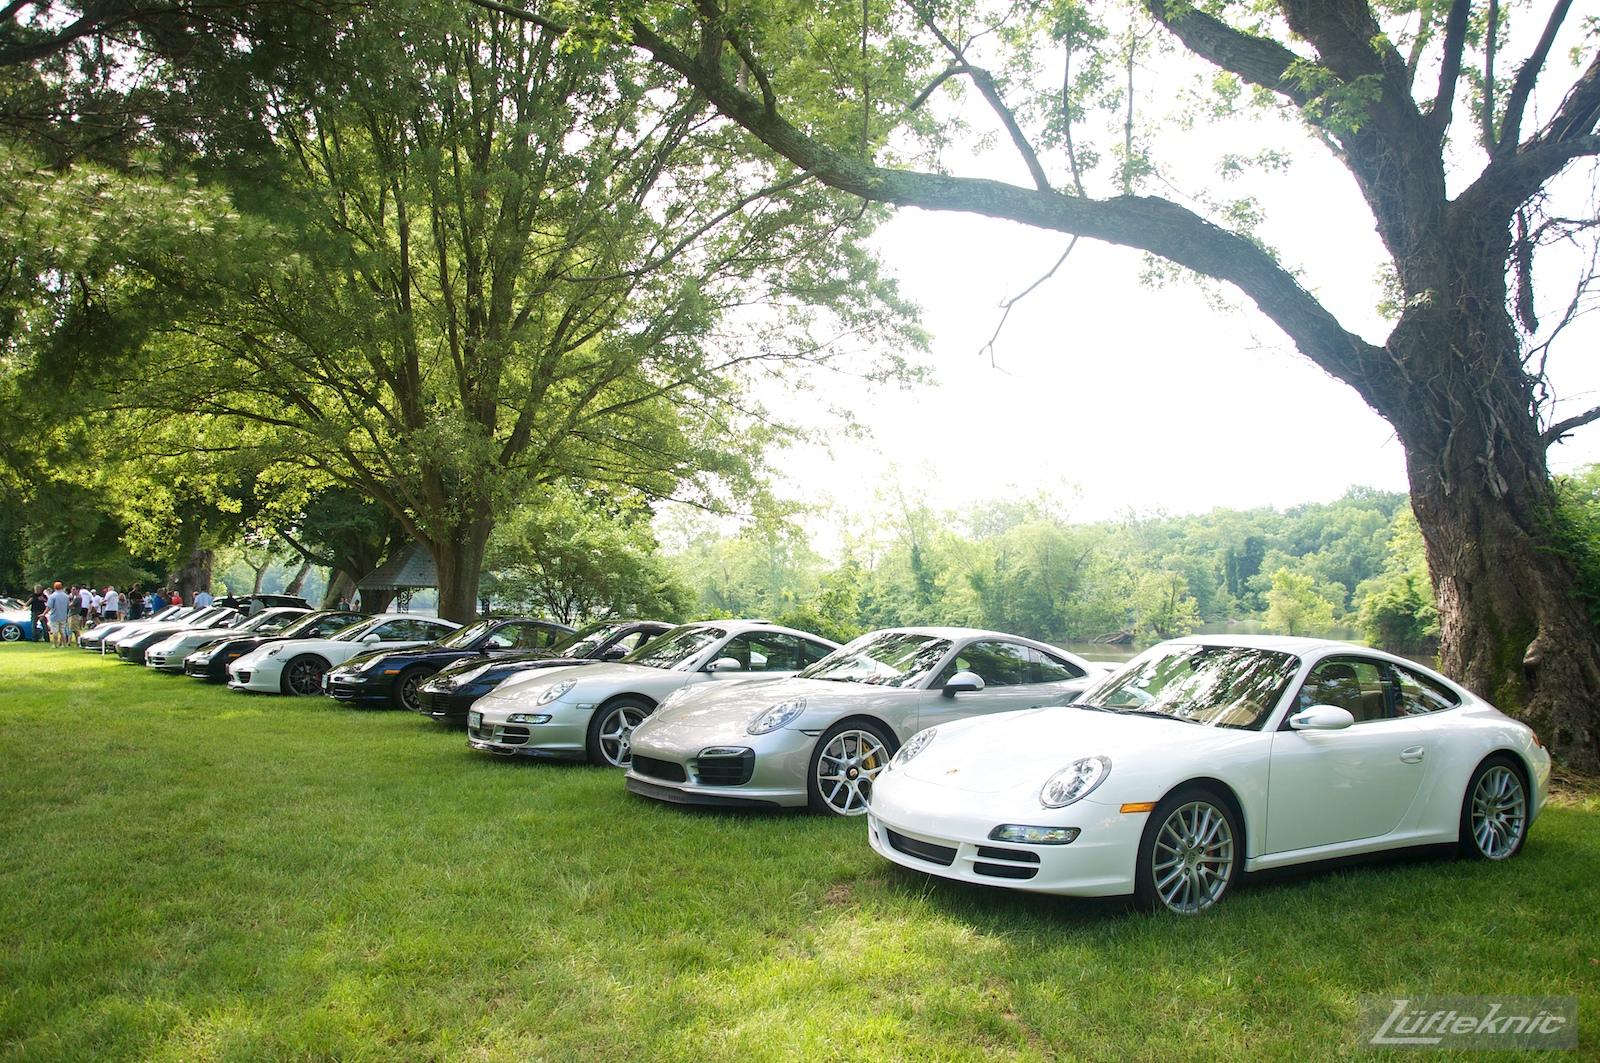 A line of Porsches at the Richmond Porsche Meet.